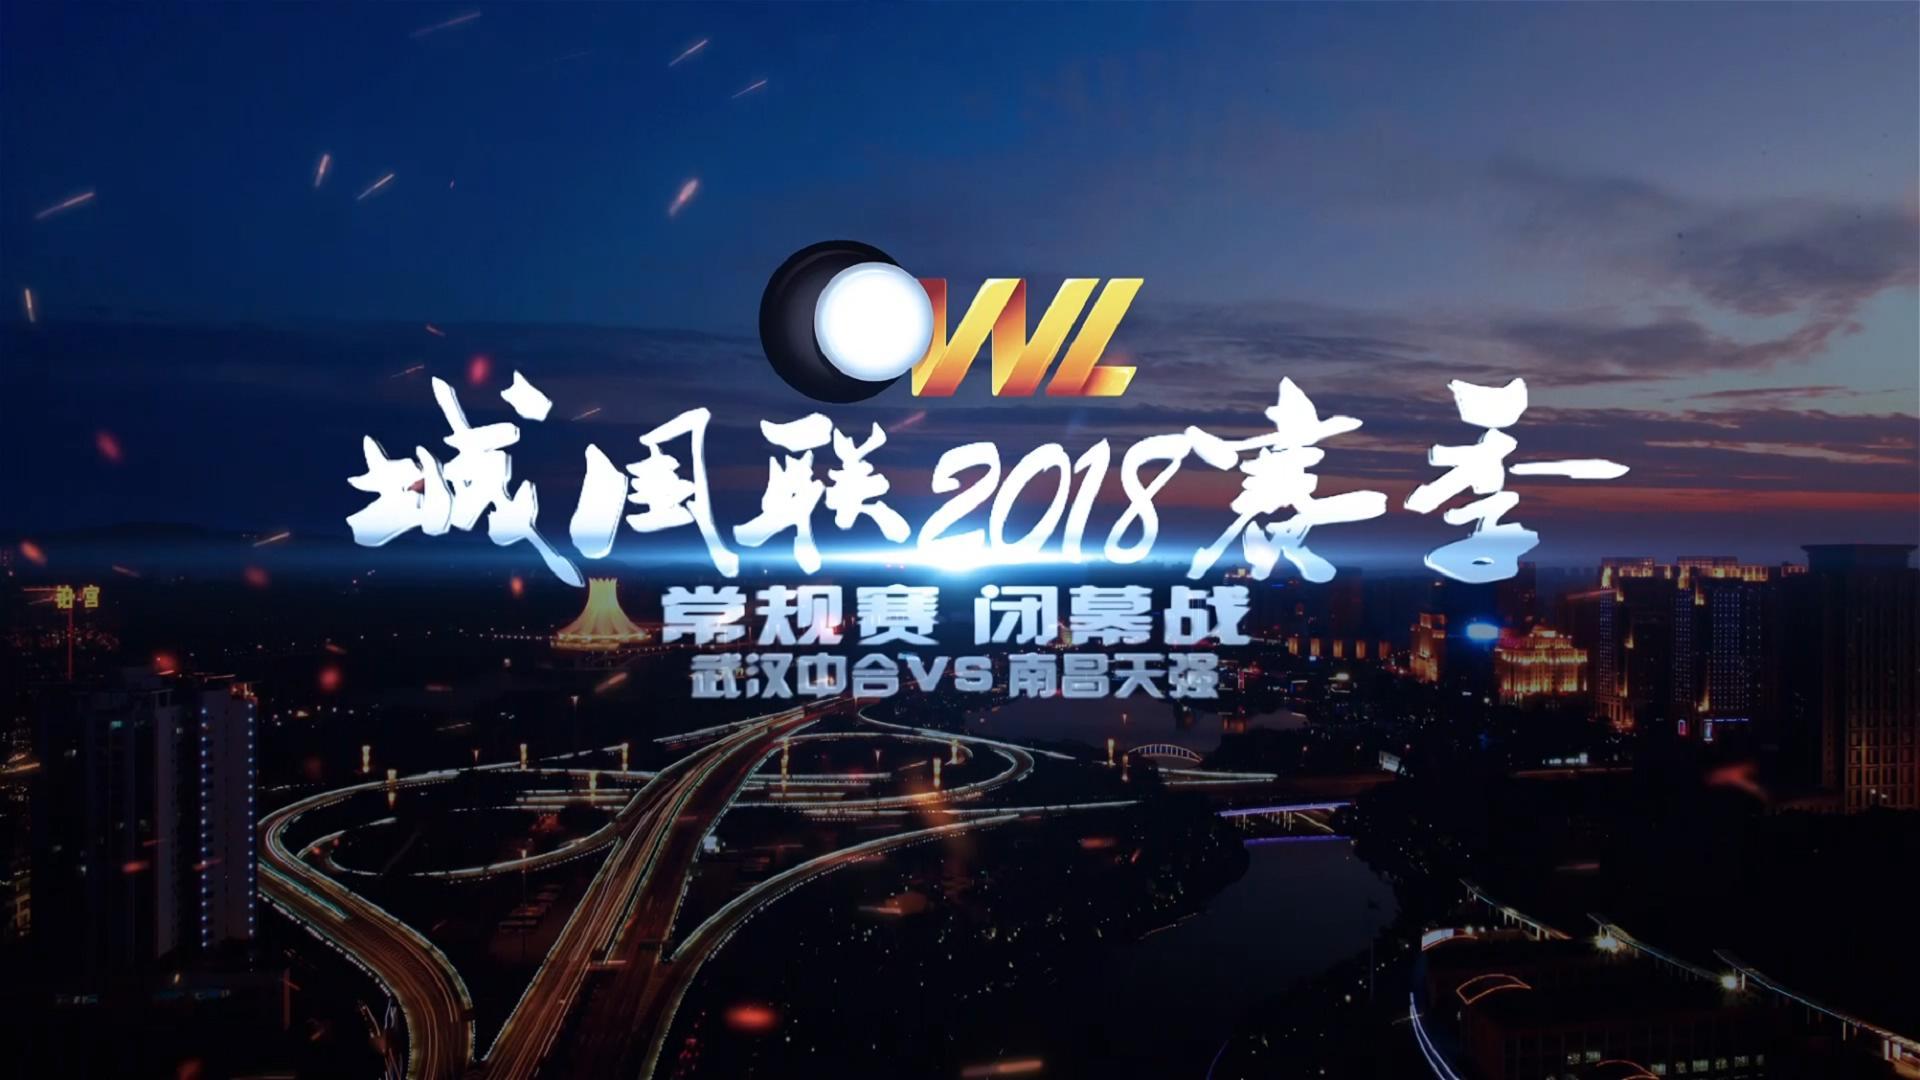 铭心棋局—城围联2018赛季常规赛闭幕战 武汉中合VS南昌天强